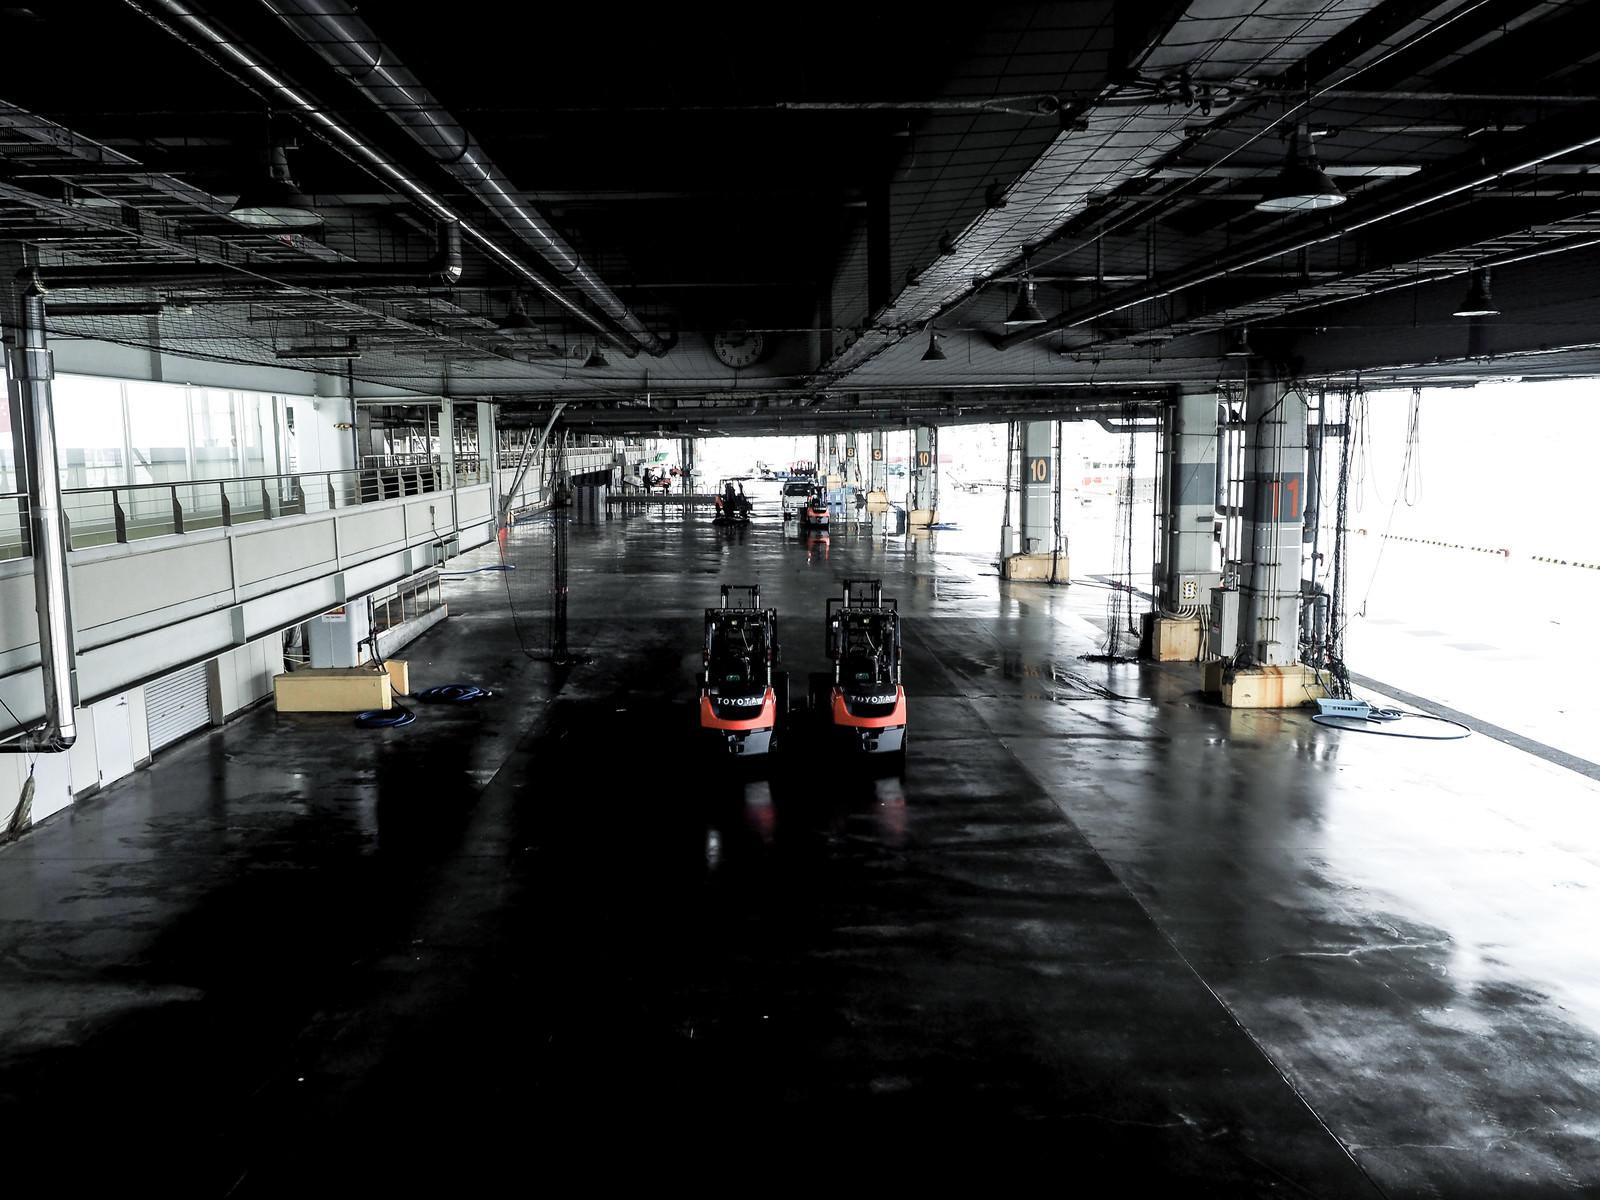 「気仙沼漁港のセリ場」の写真